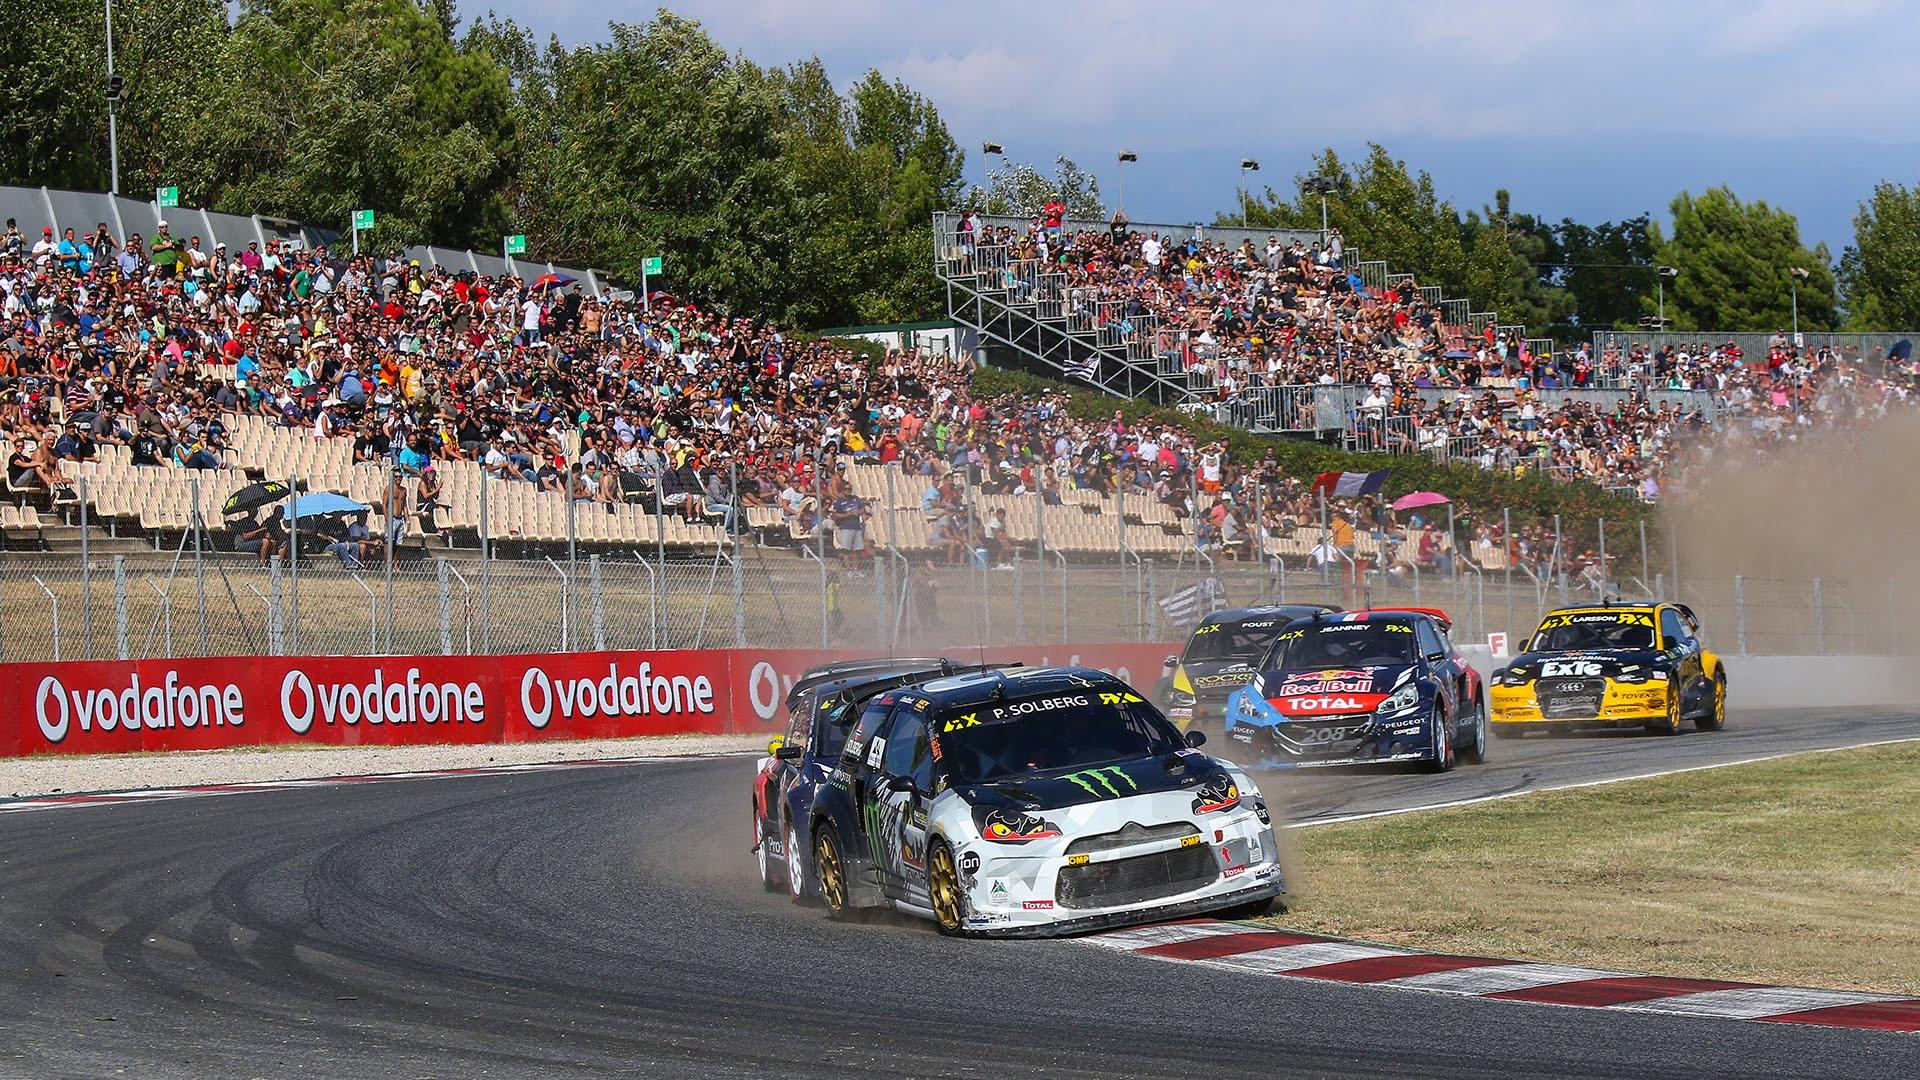 Ha inizio anche il campionato Rallycross! Info e orari del Round catalano